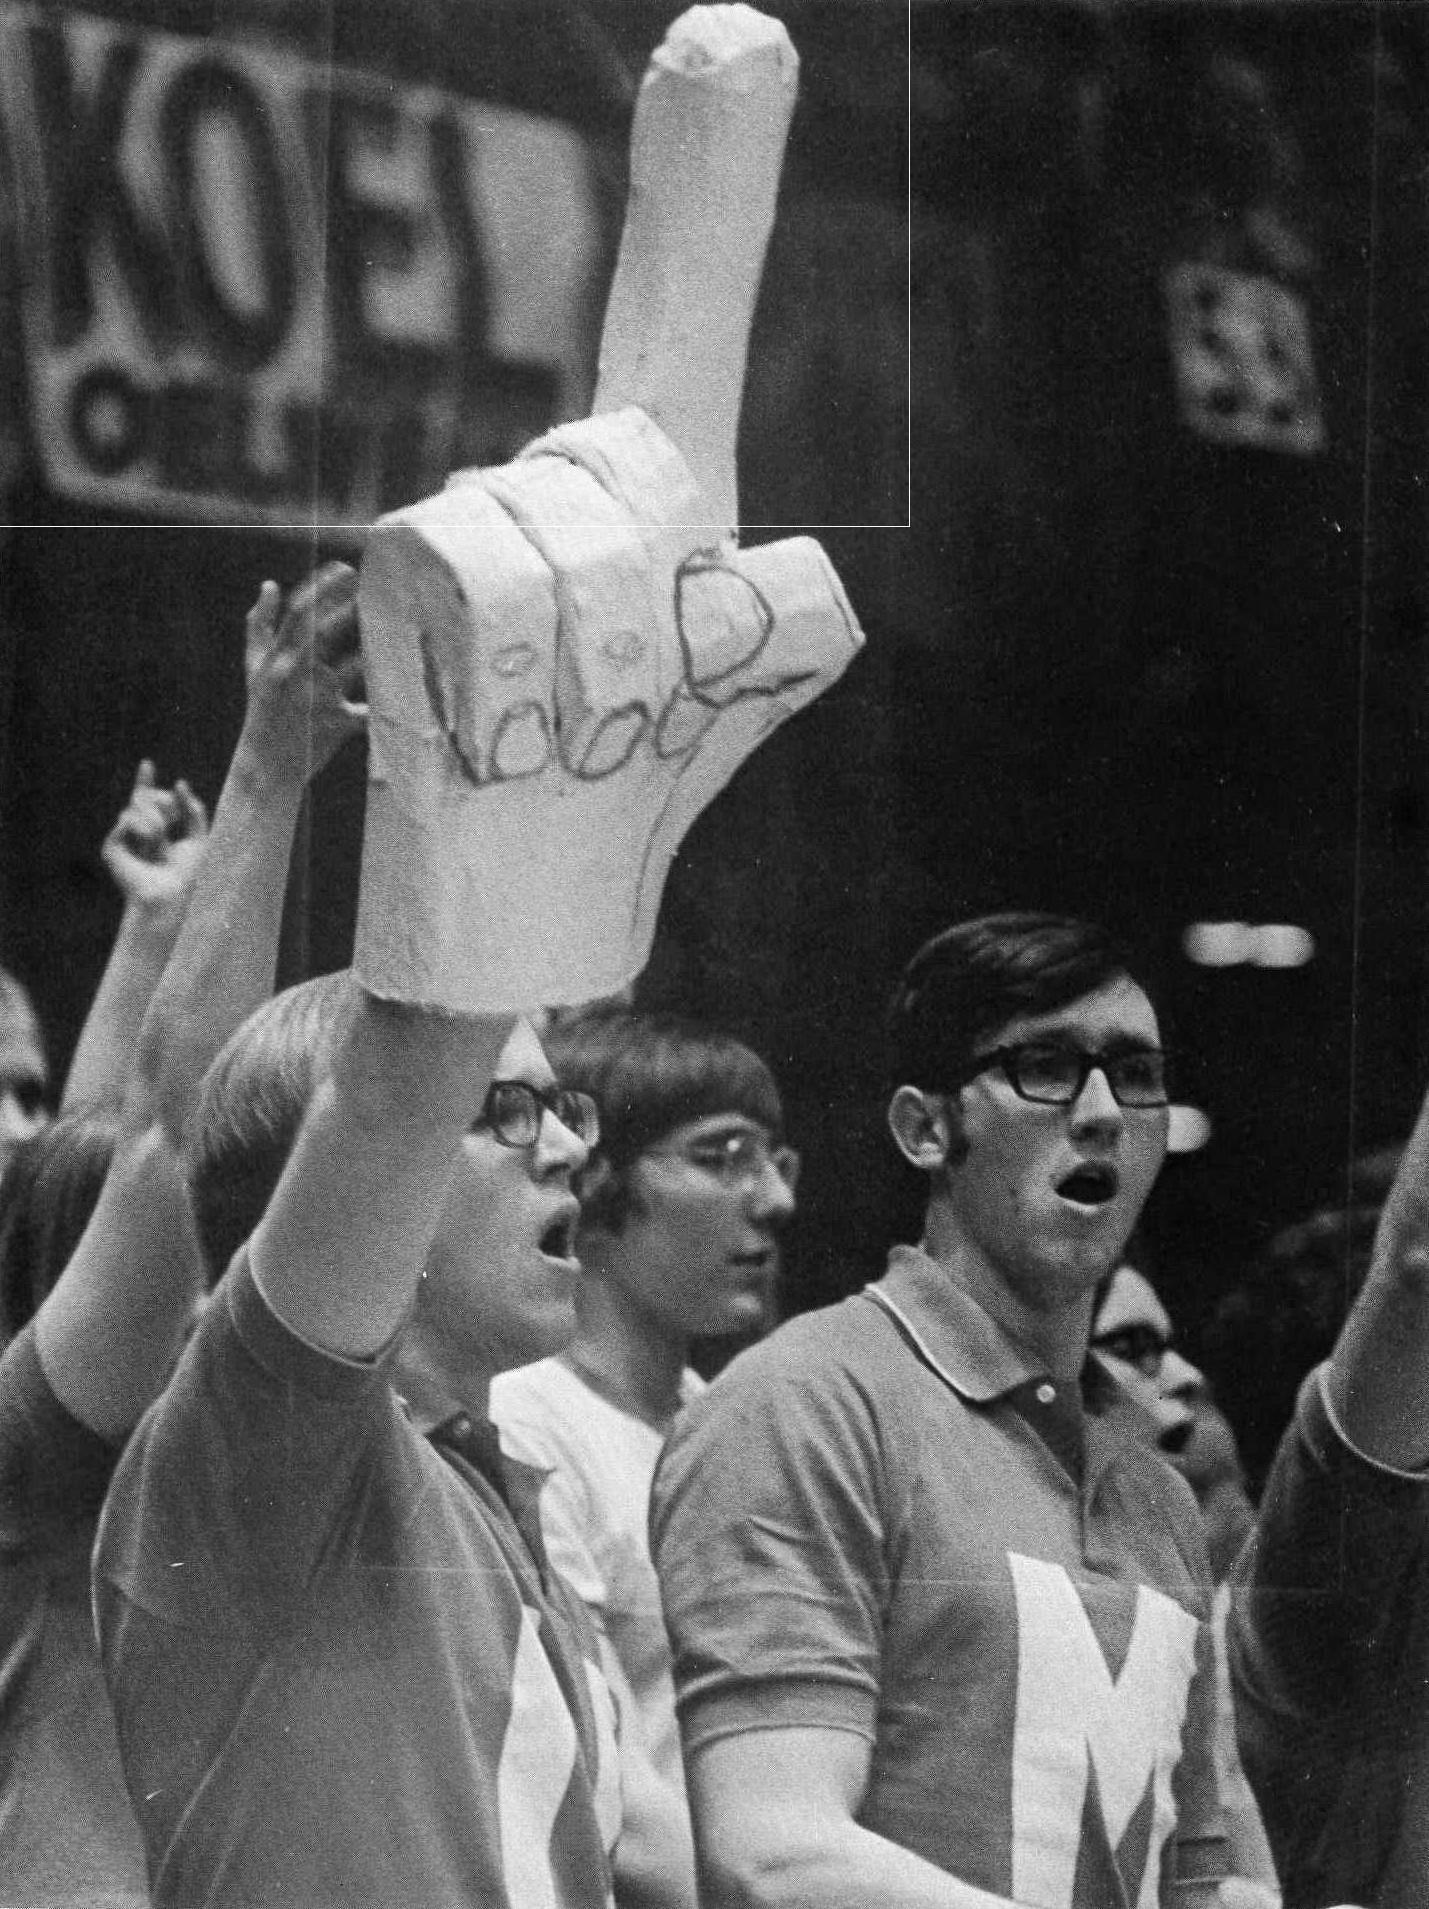 original fan hand, 1971..later inspired the foam finger in 1978